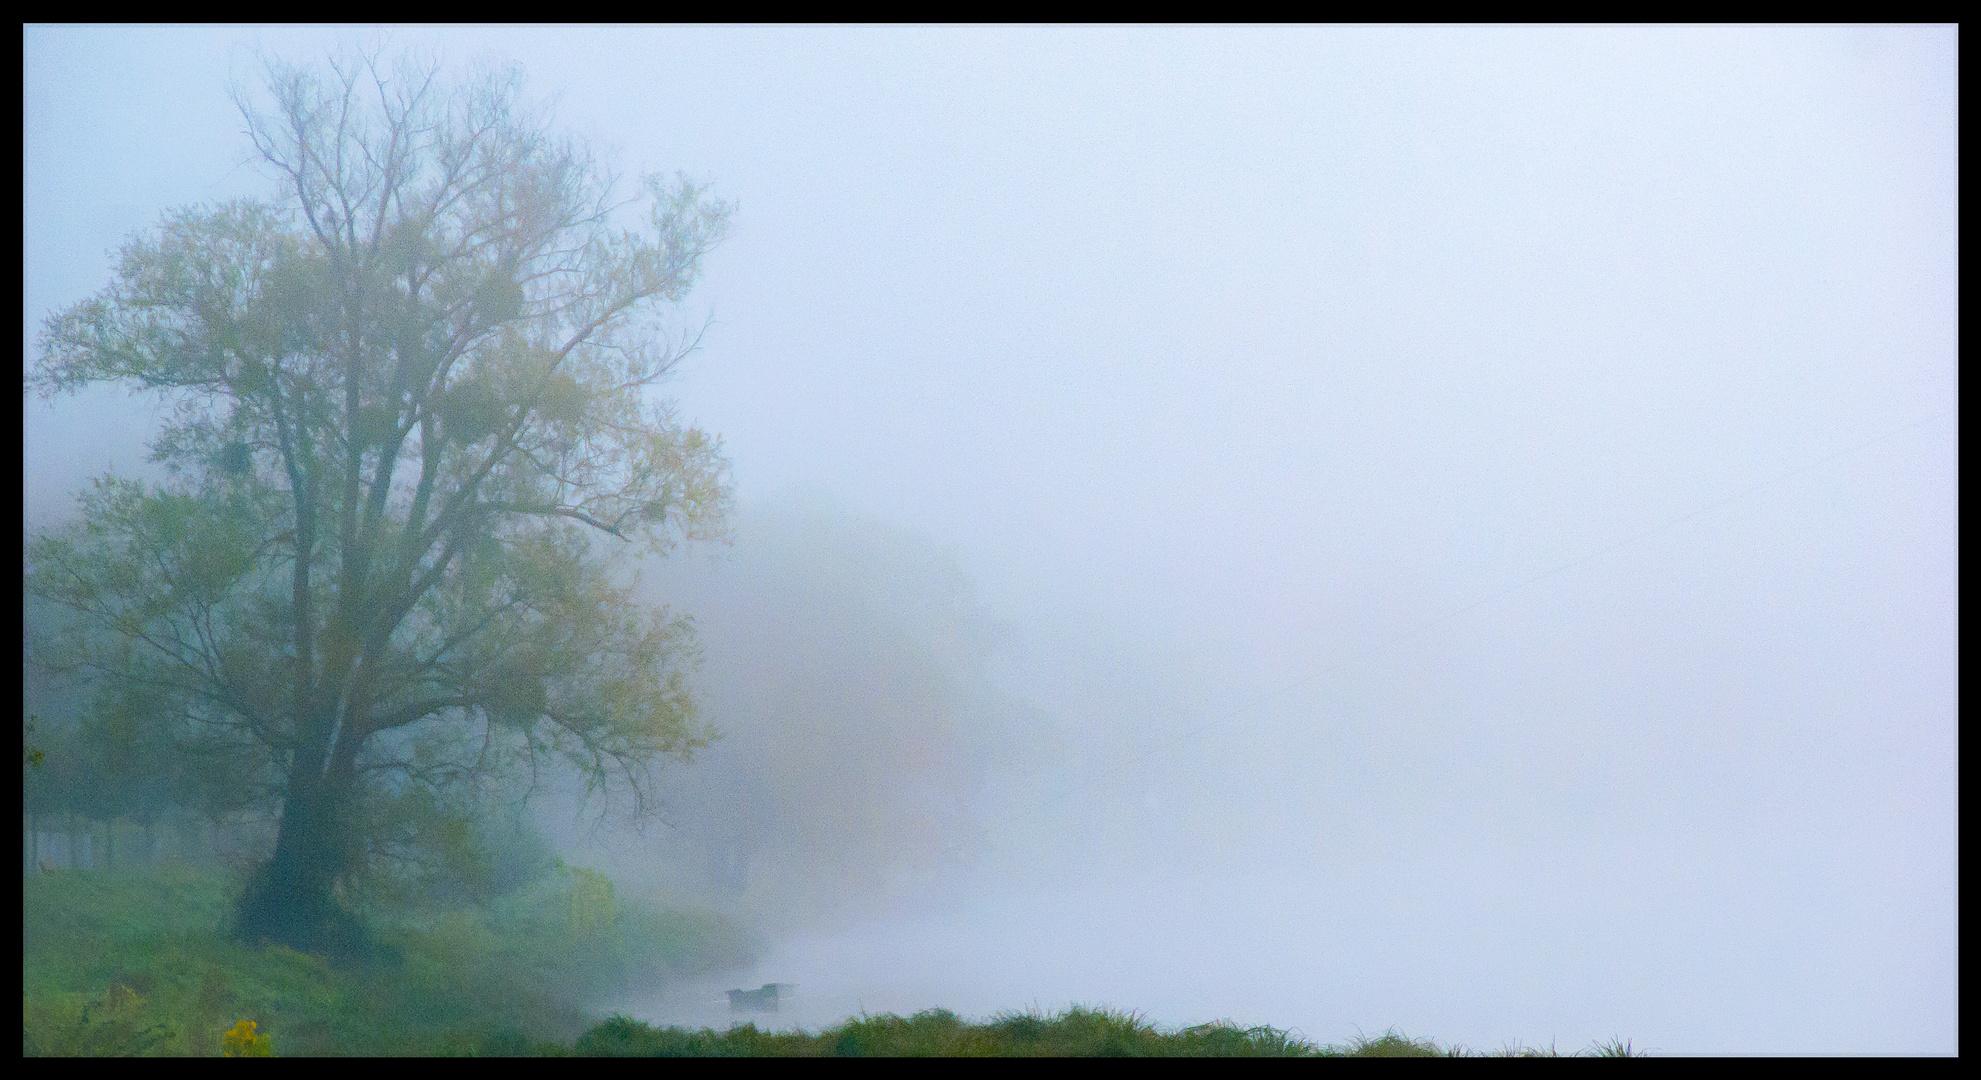 Épais brouillard